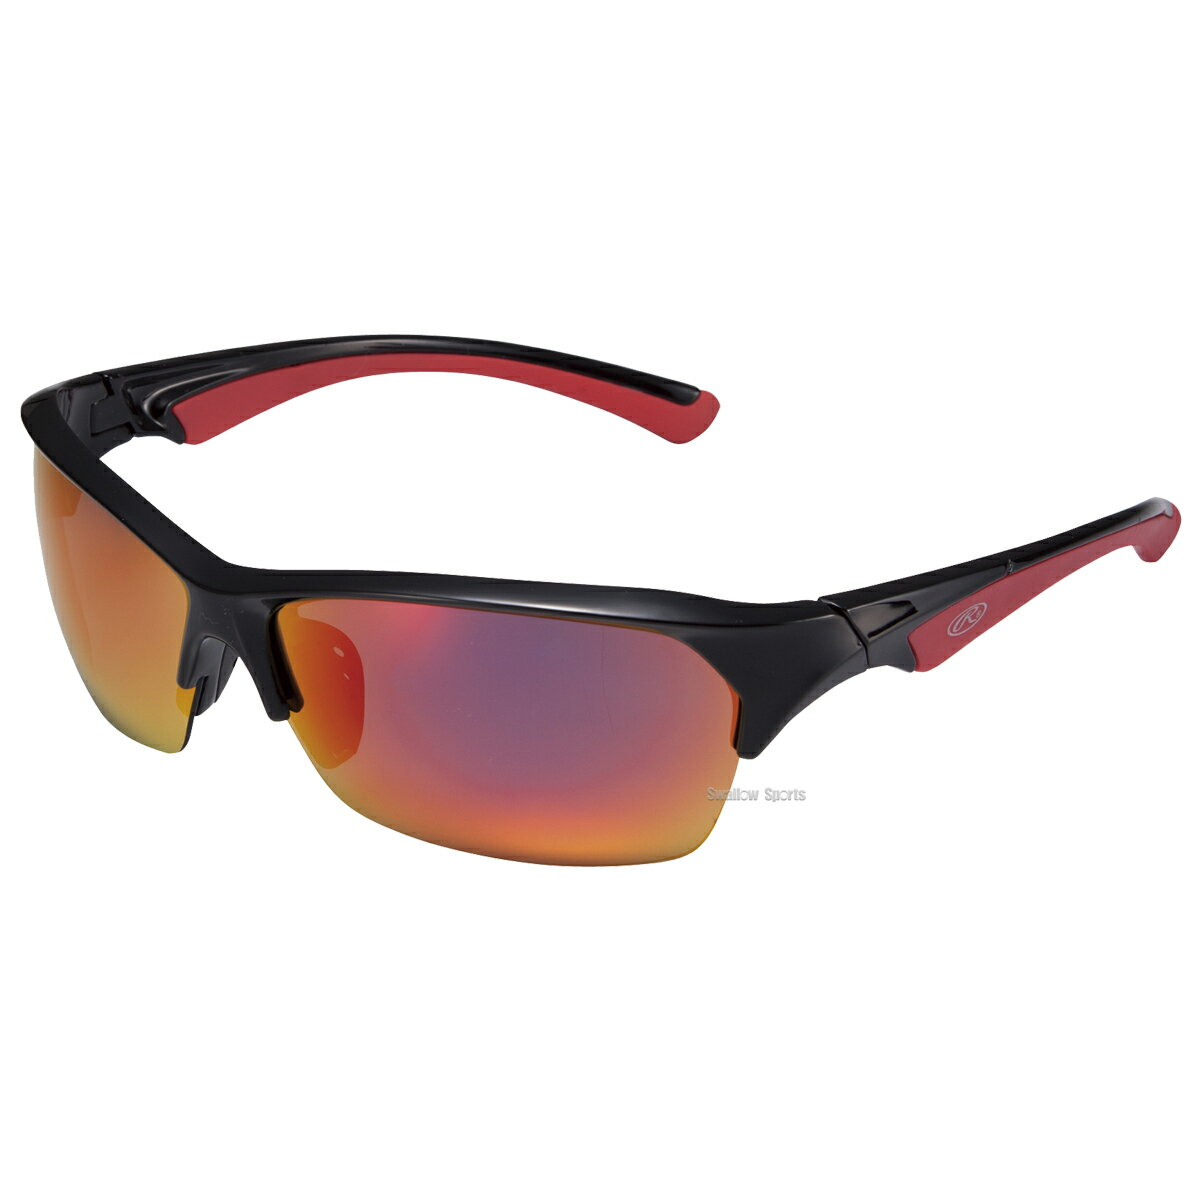 【あす楽対応】 ローリングス 野球 サングラス アクセサリー 偏光レンズ S18S1RD アイウェア スポカジ ファッション 野球用品 スワロースポーツ